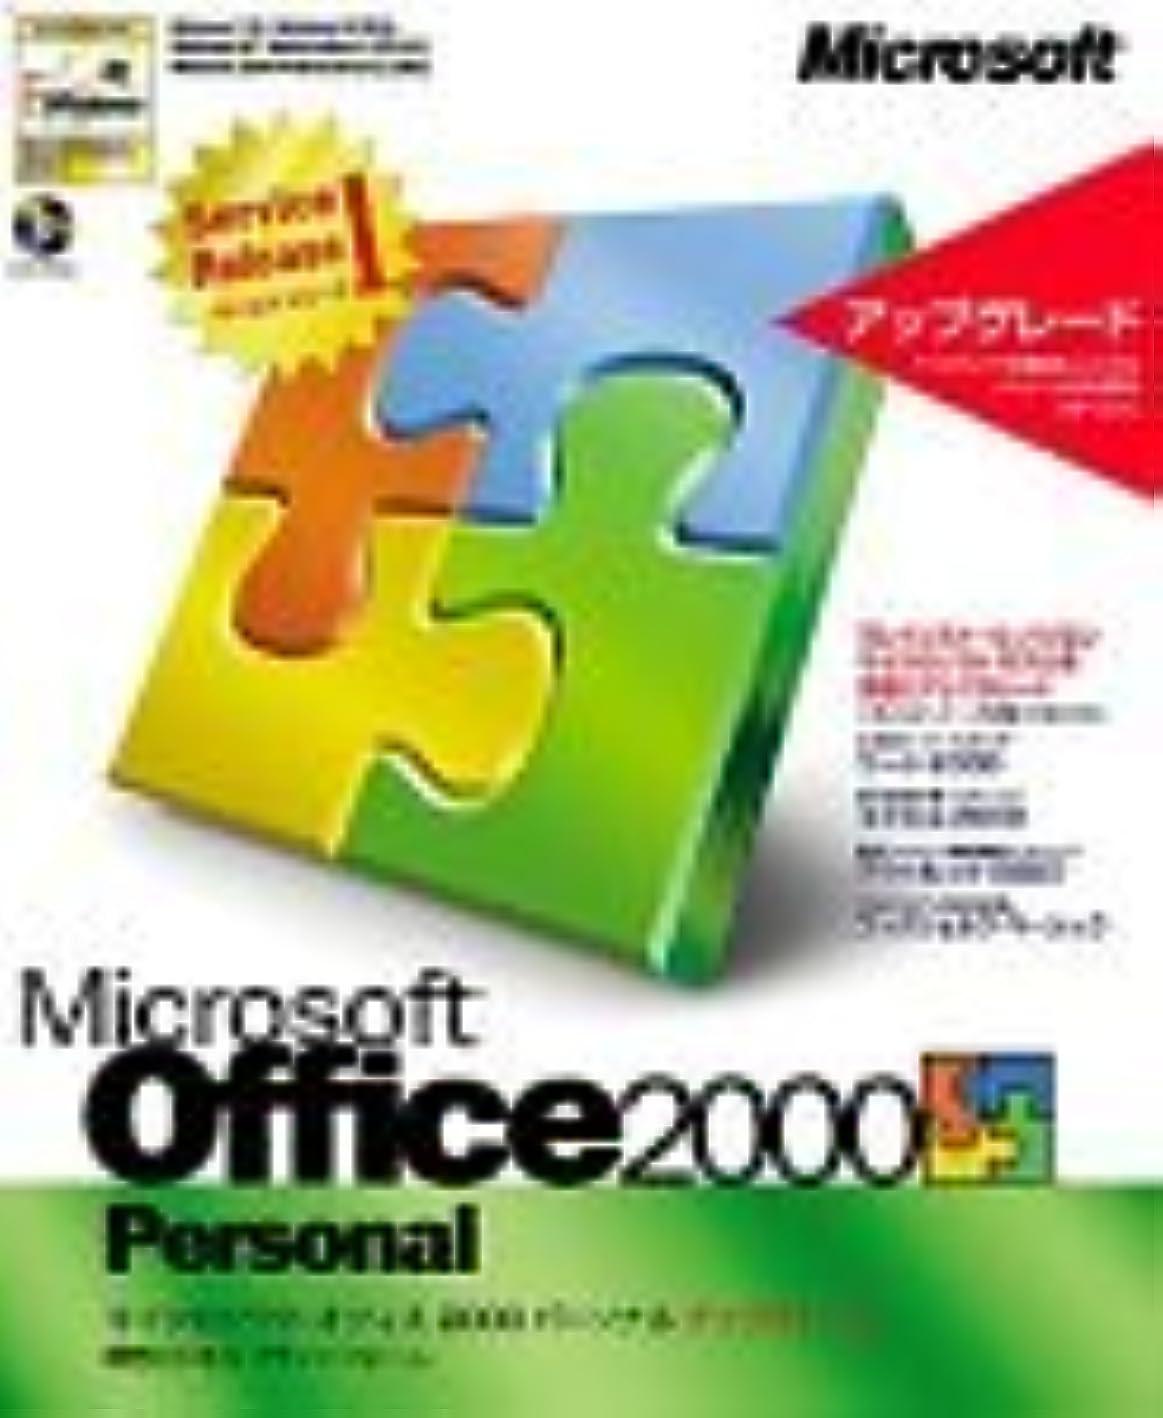 記憶奨励します植物の【旧商品】Microsoft Office2000 Personal Service Release 1 アップグレード